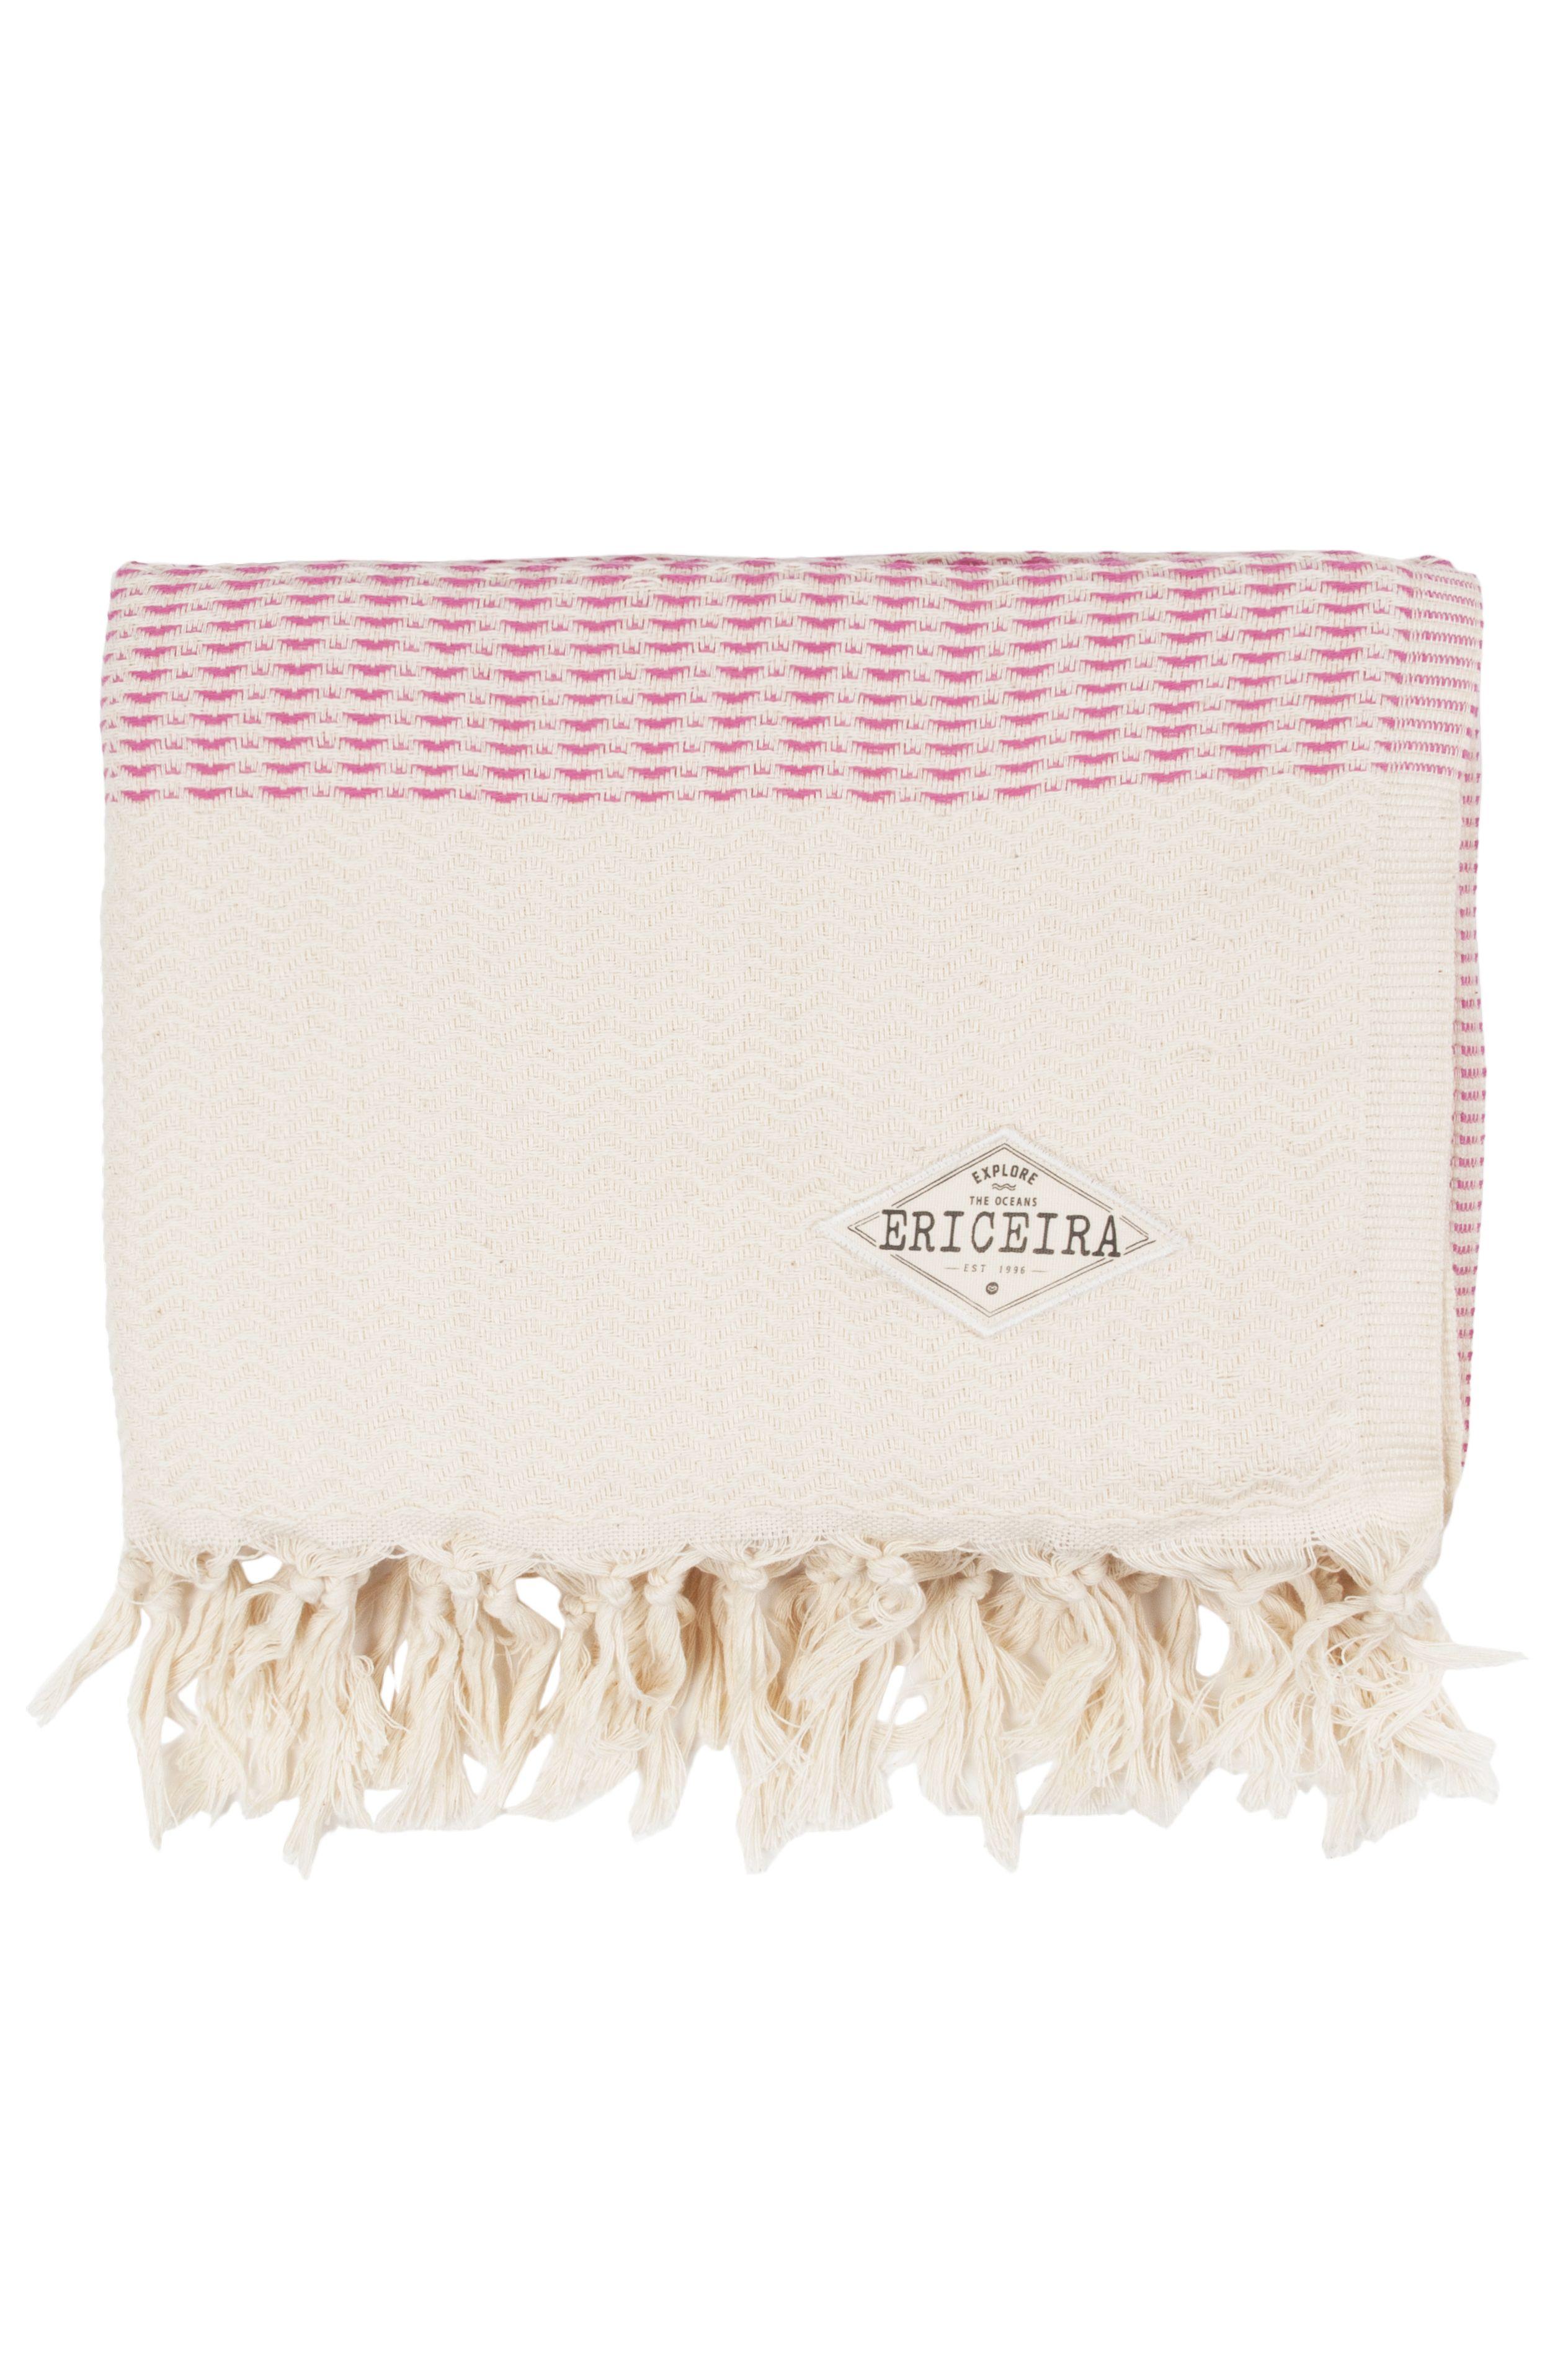 Ericeira Surf Skate Beach Towel LUTICS Pink